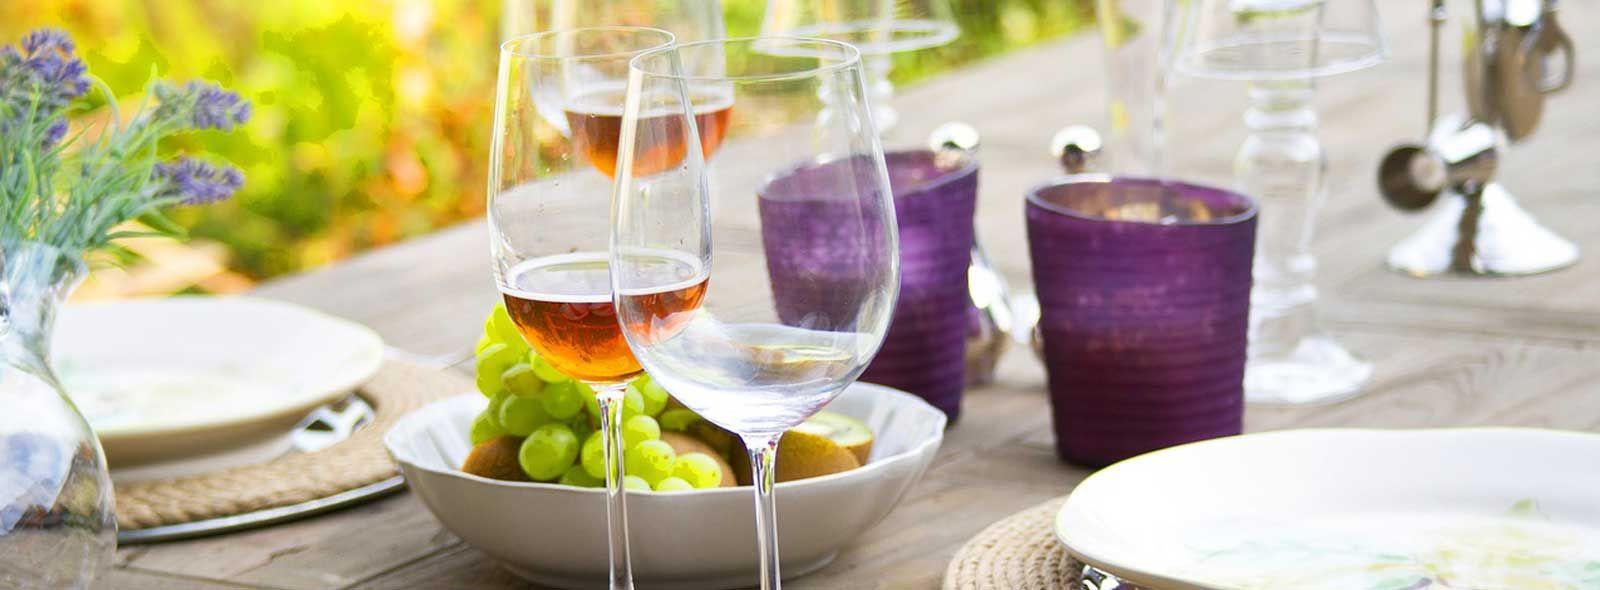 Accostamento del vino a tavola, le regole base del sommelier